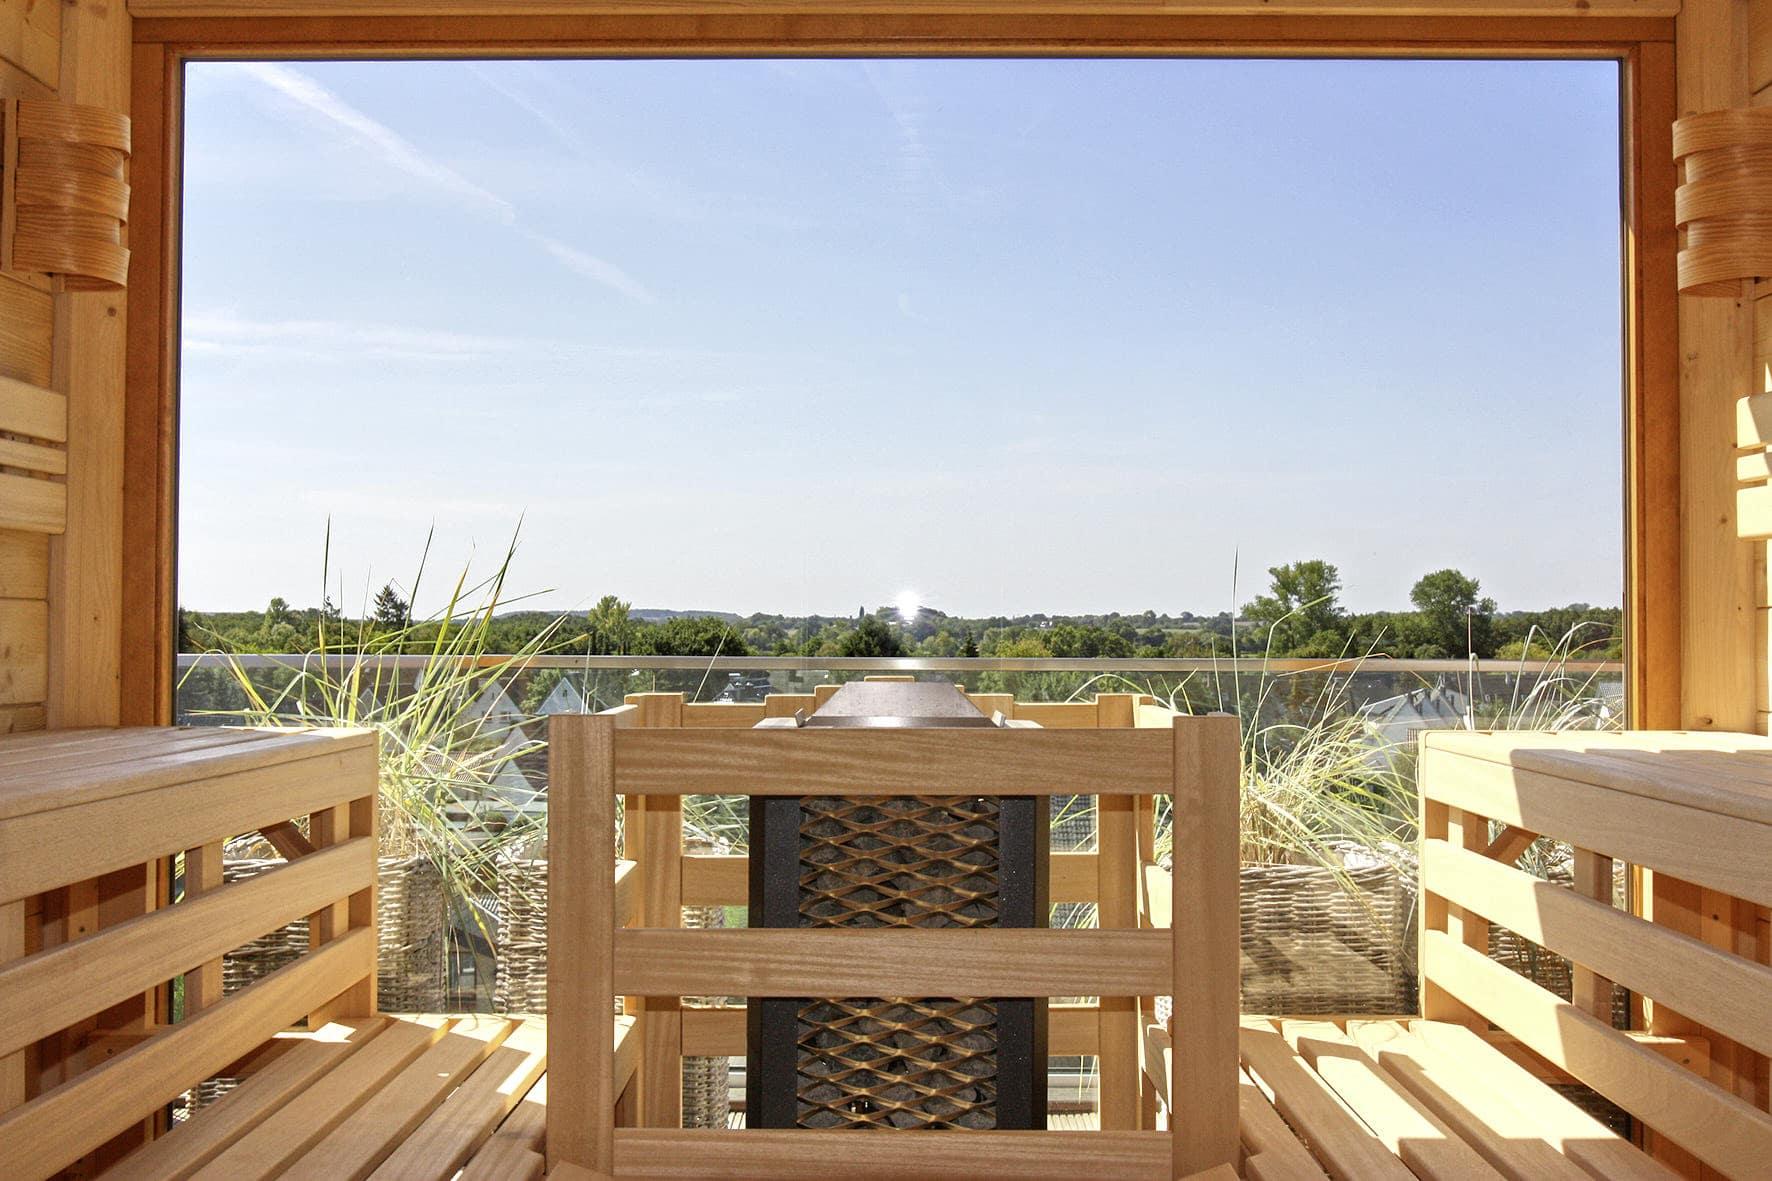 Wellness auf höchstem Niveau – Im neuen Saunahaus des Lifestylehotels SAND können die Gäste über den Dächern von Timmendorfer Strand relaxen